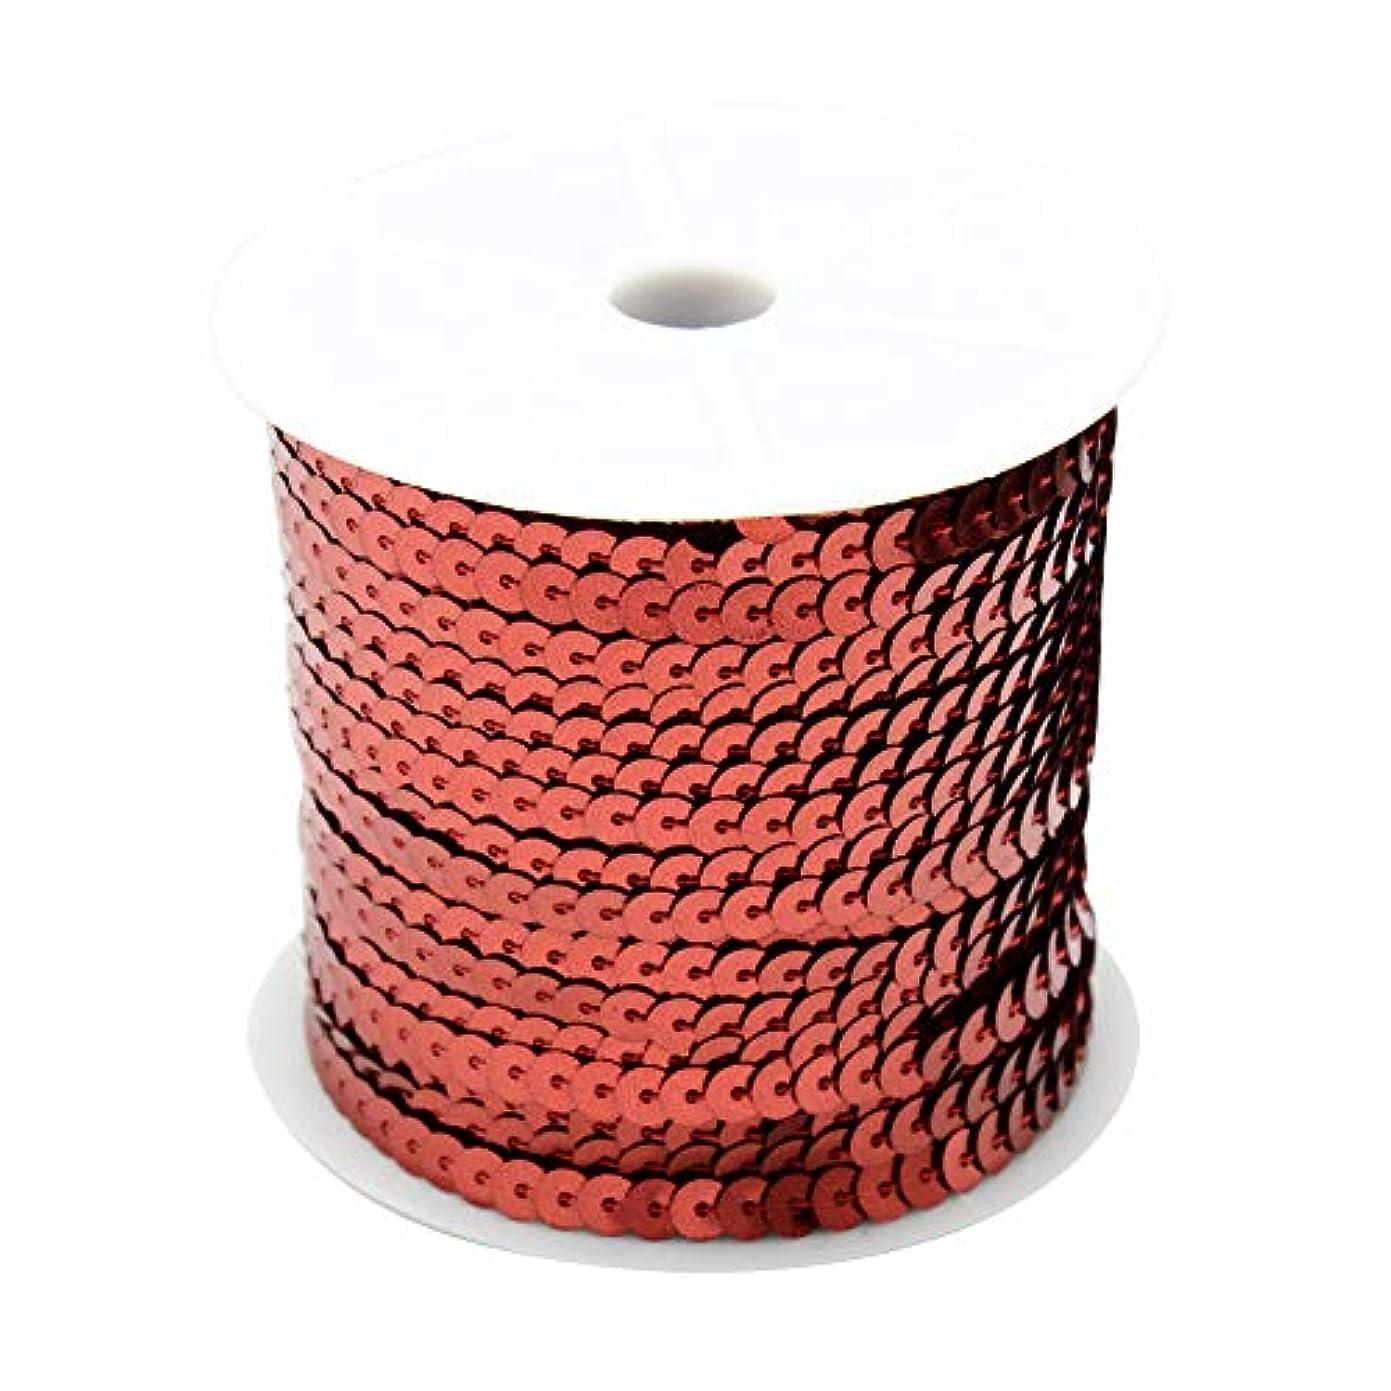 リップ休日湖OLYCRAFT スパンコールテープ 手芸用 長さ91.44m巻き 幅4mm レッド スパンコール ブレード アクセサリー パーツ 手作り 用 100ヤード 1ロール 赤